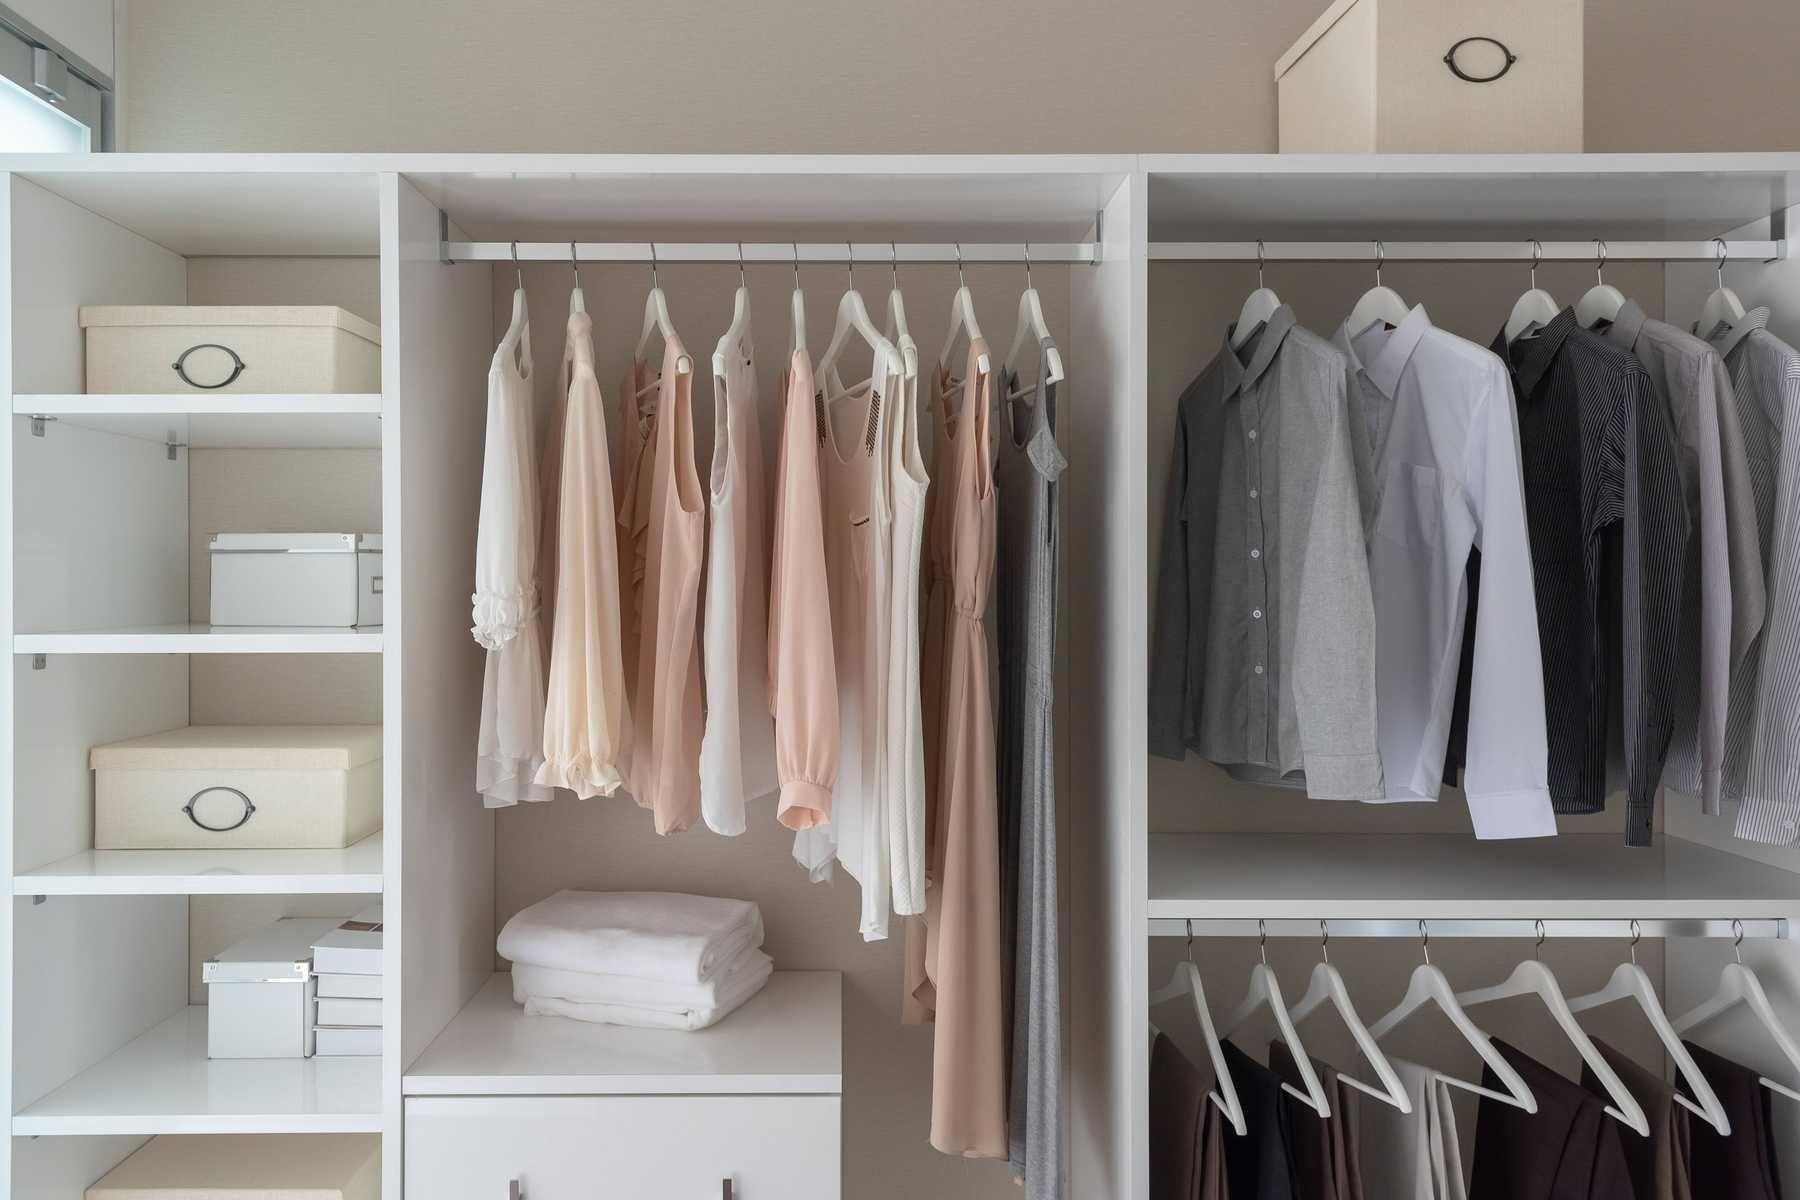 tinh dầu thơm quần áo Làm thơm tủ quần áo